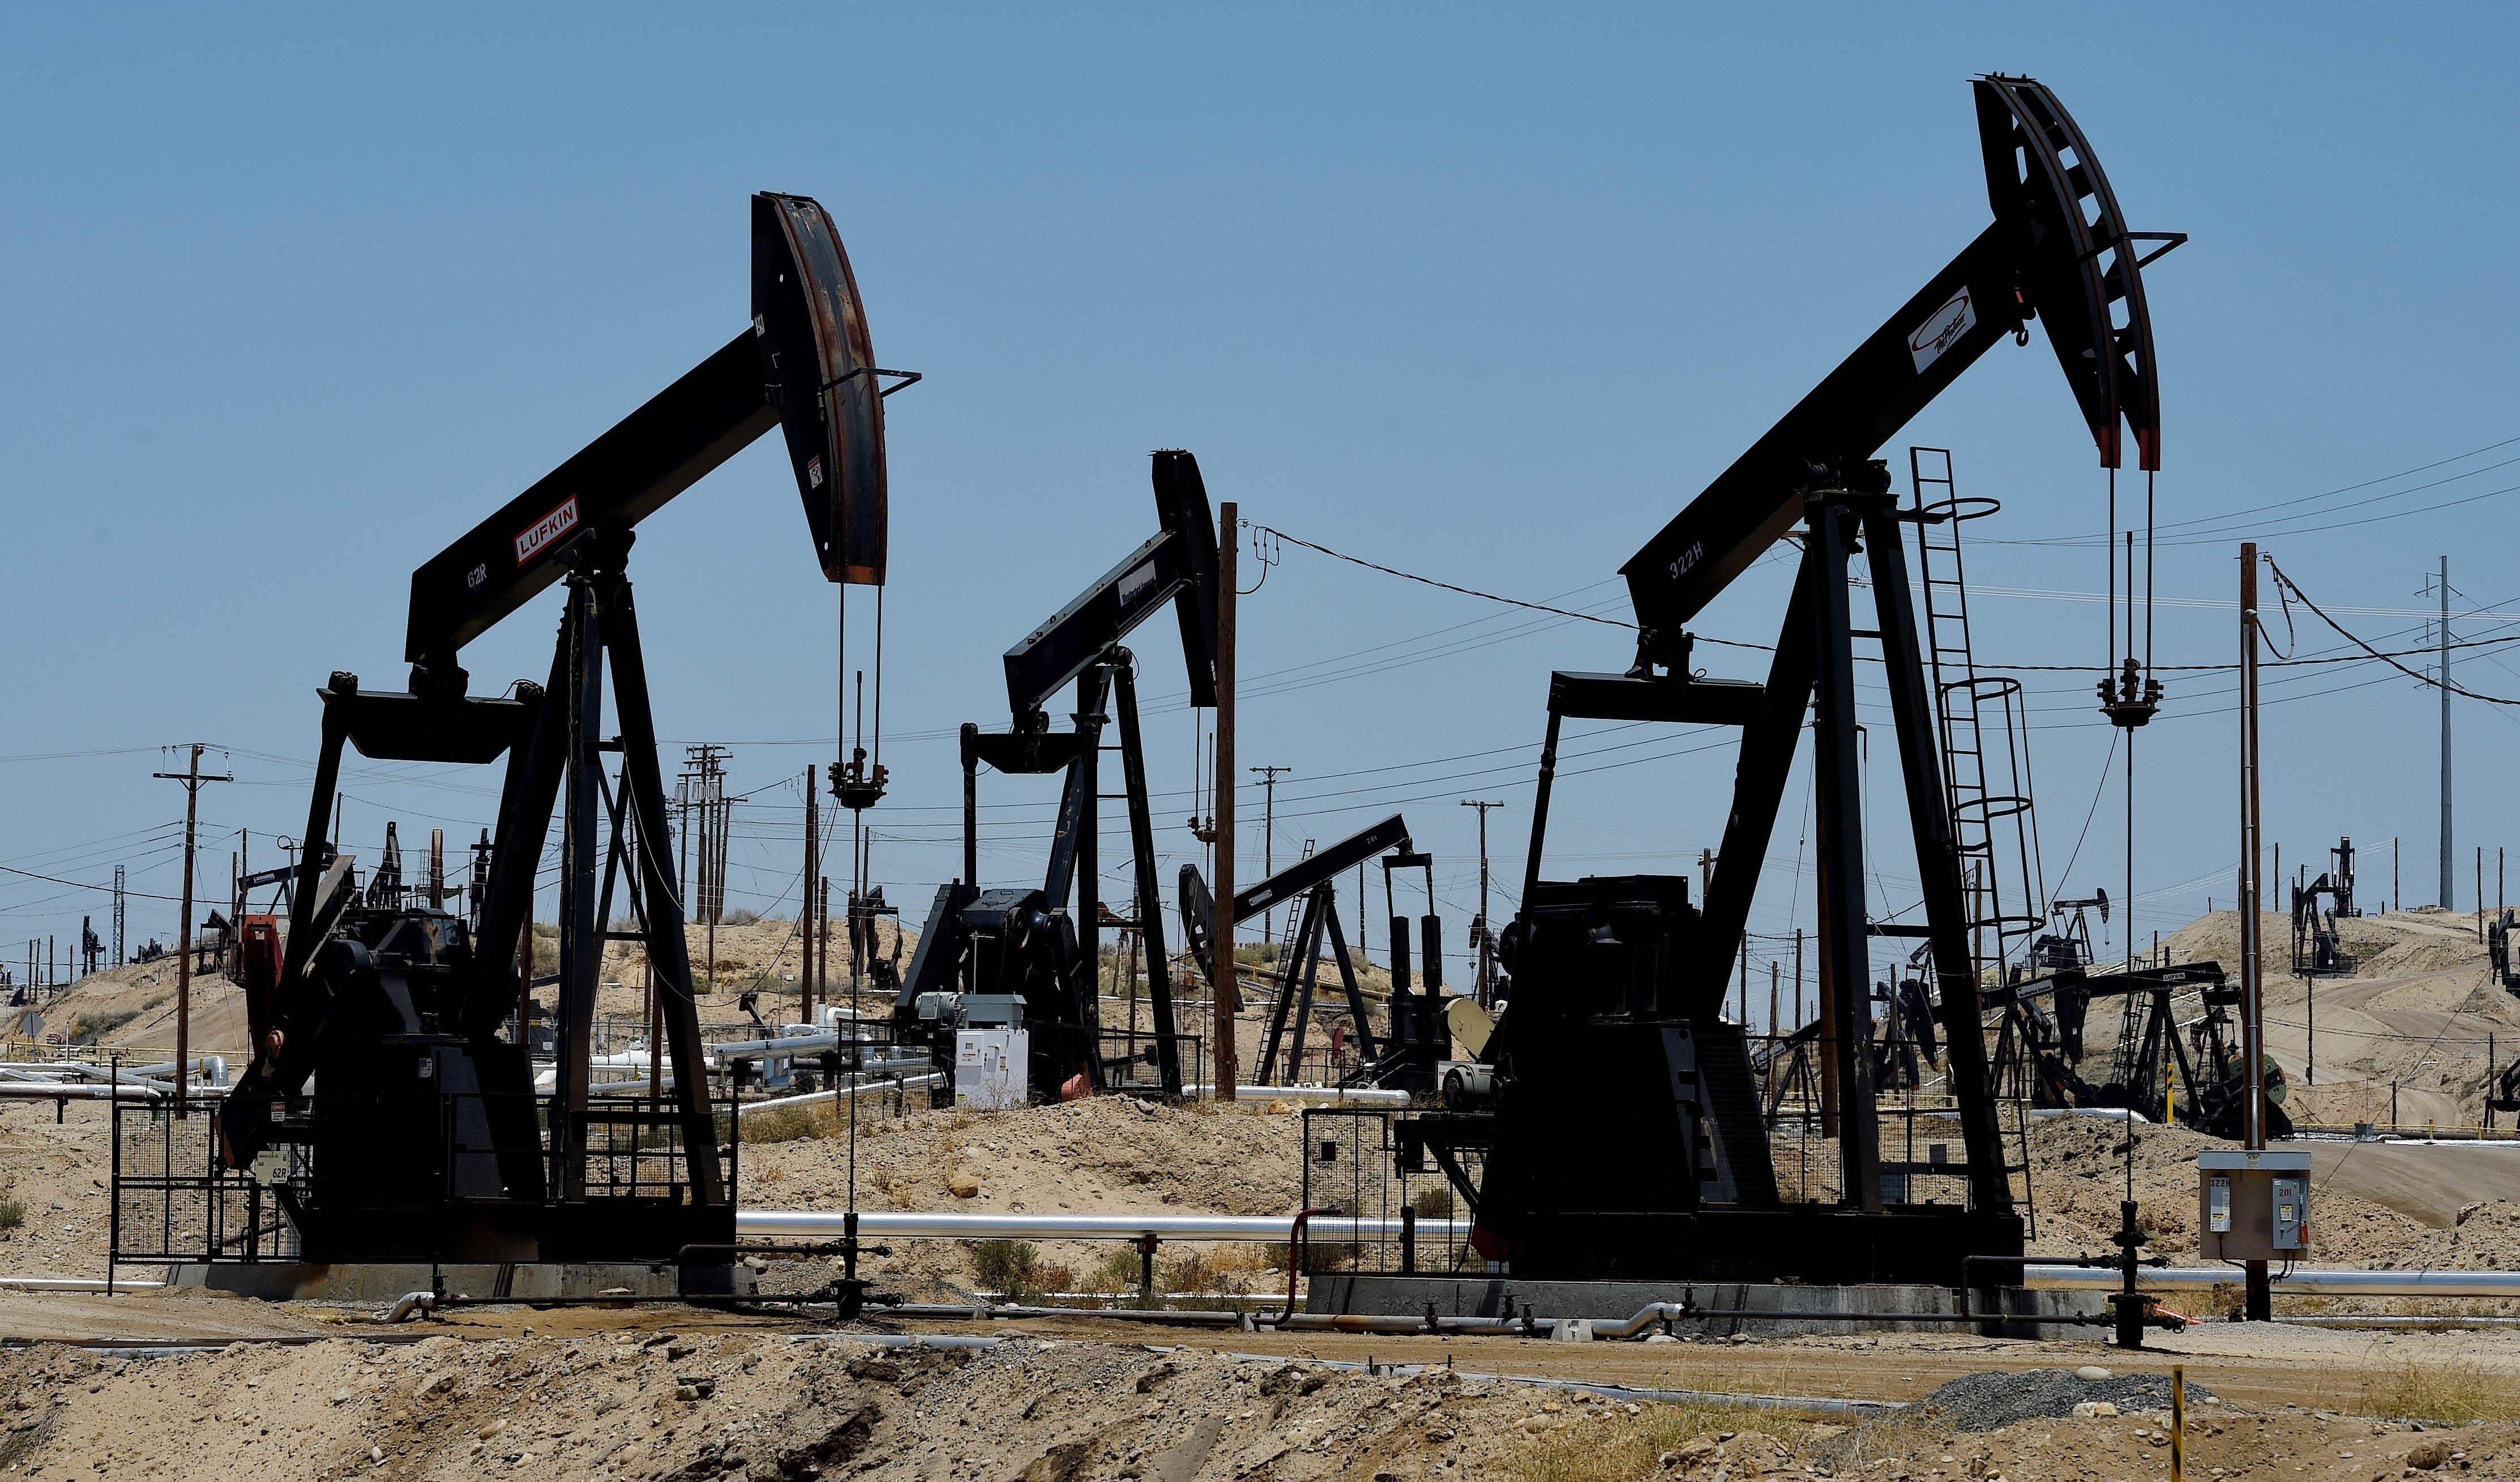 نفت بشکهای ۳۰ دلار جدیترین تهدید ویروس کرونا بر طلای سیاه